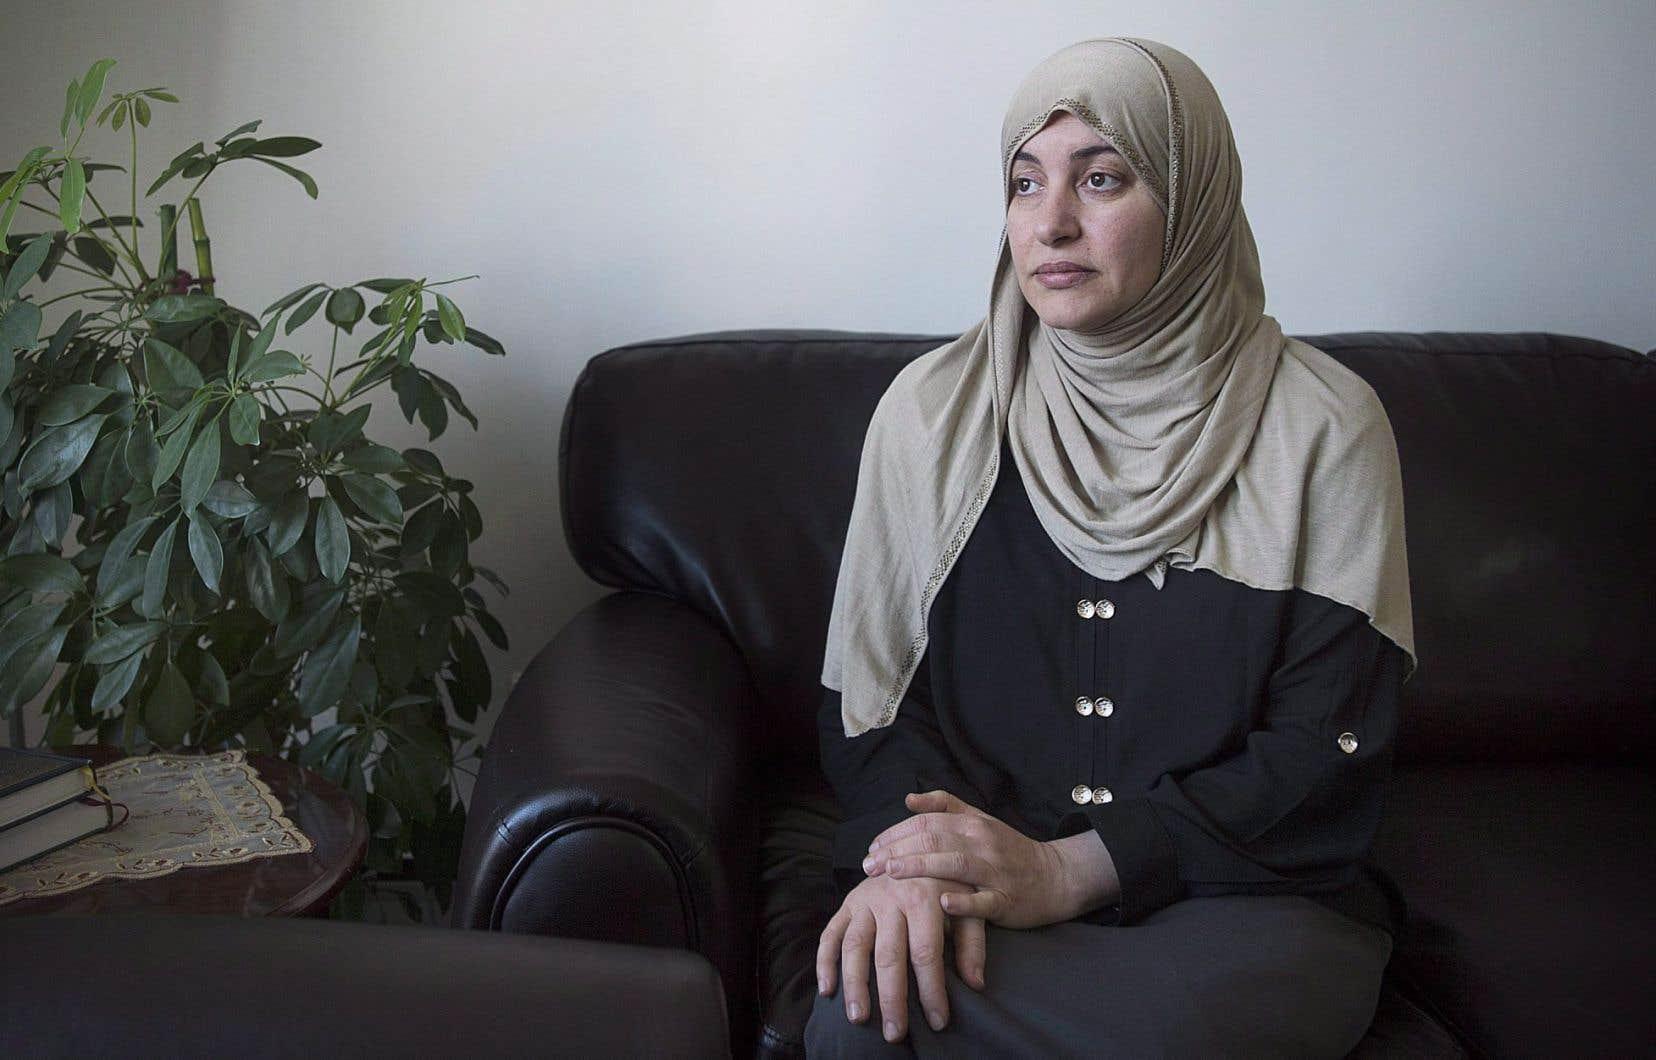 Un an et demi plus tard, l'affaire pour laquelle Raniael-Alloul avait été convoquée au tribunal a été réglée, mais la Montréalaise n'a pas dit son dernier mot.<br />